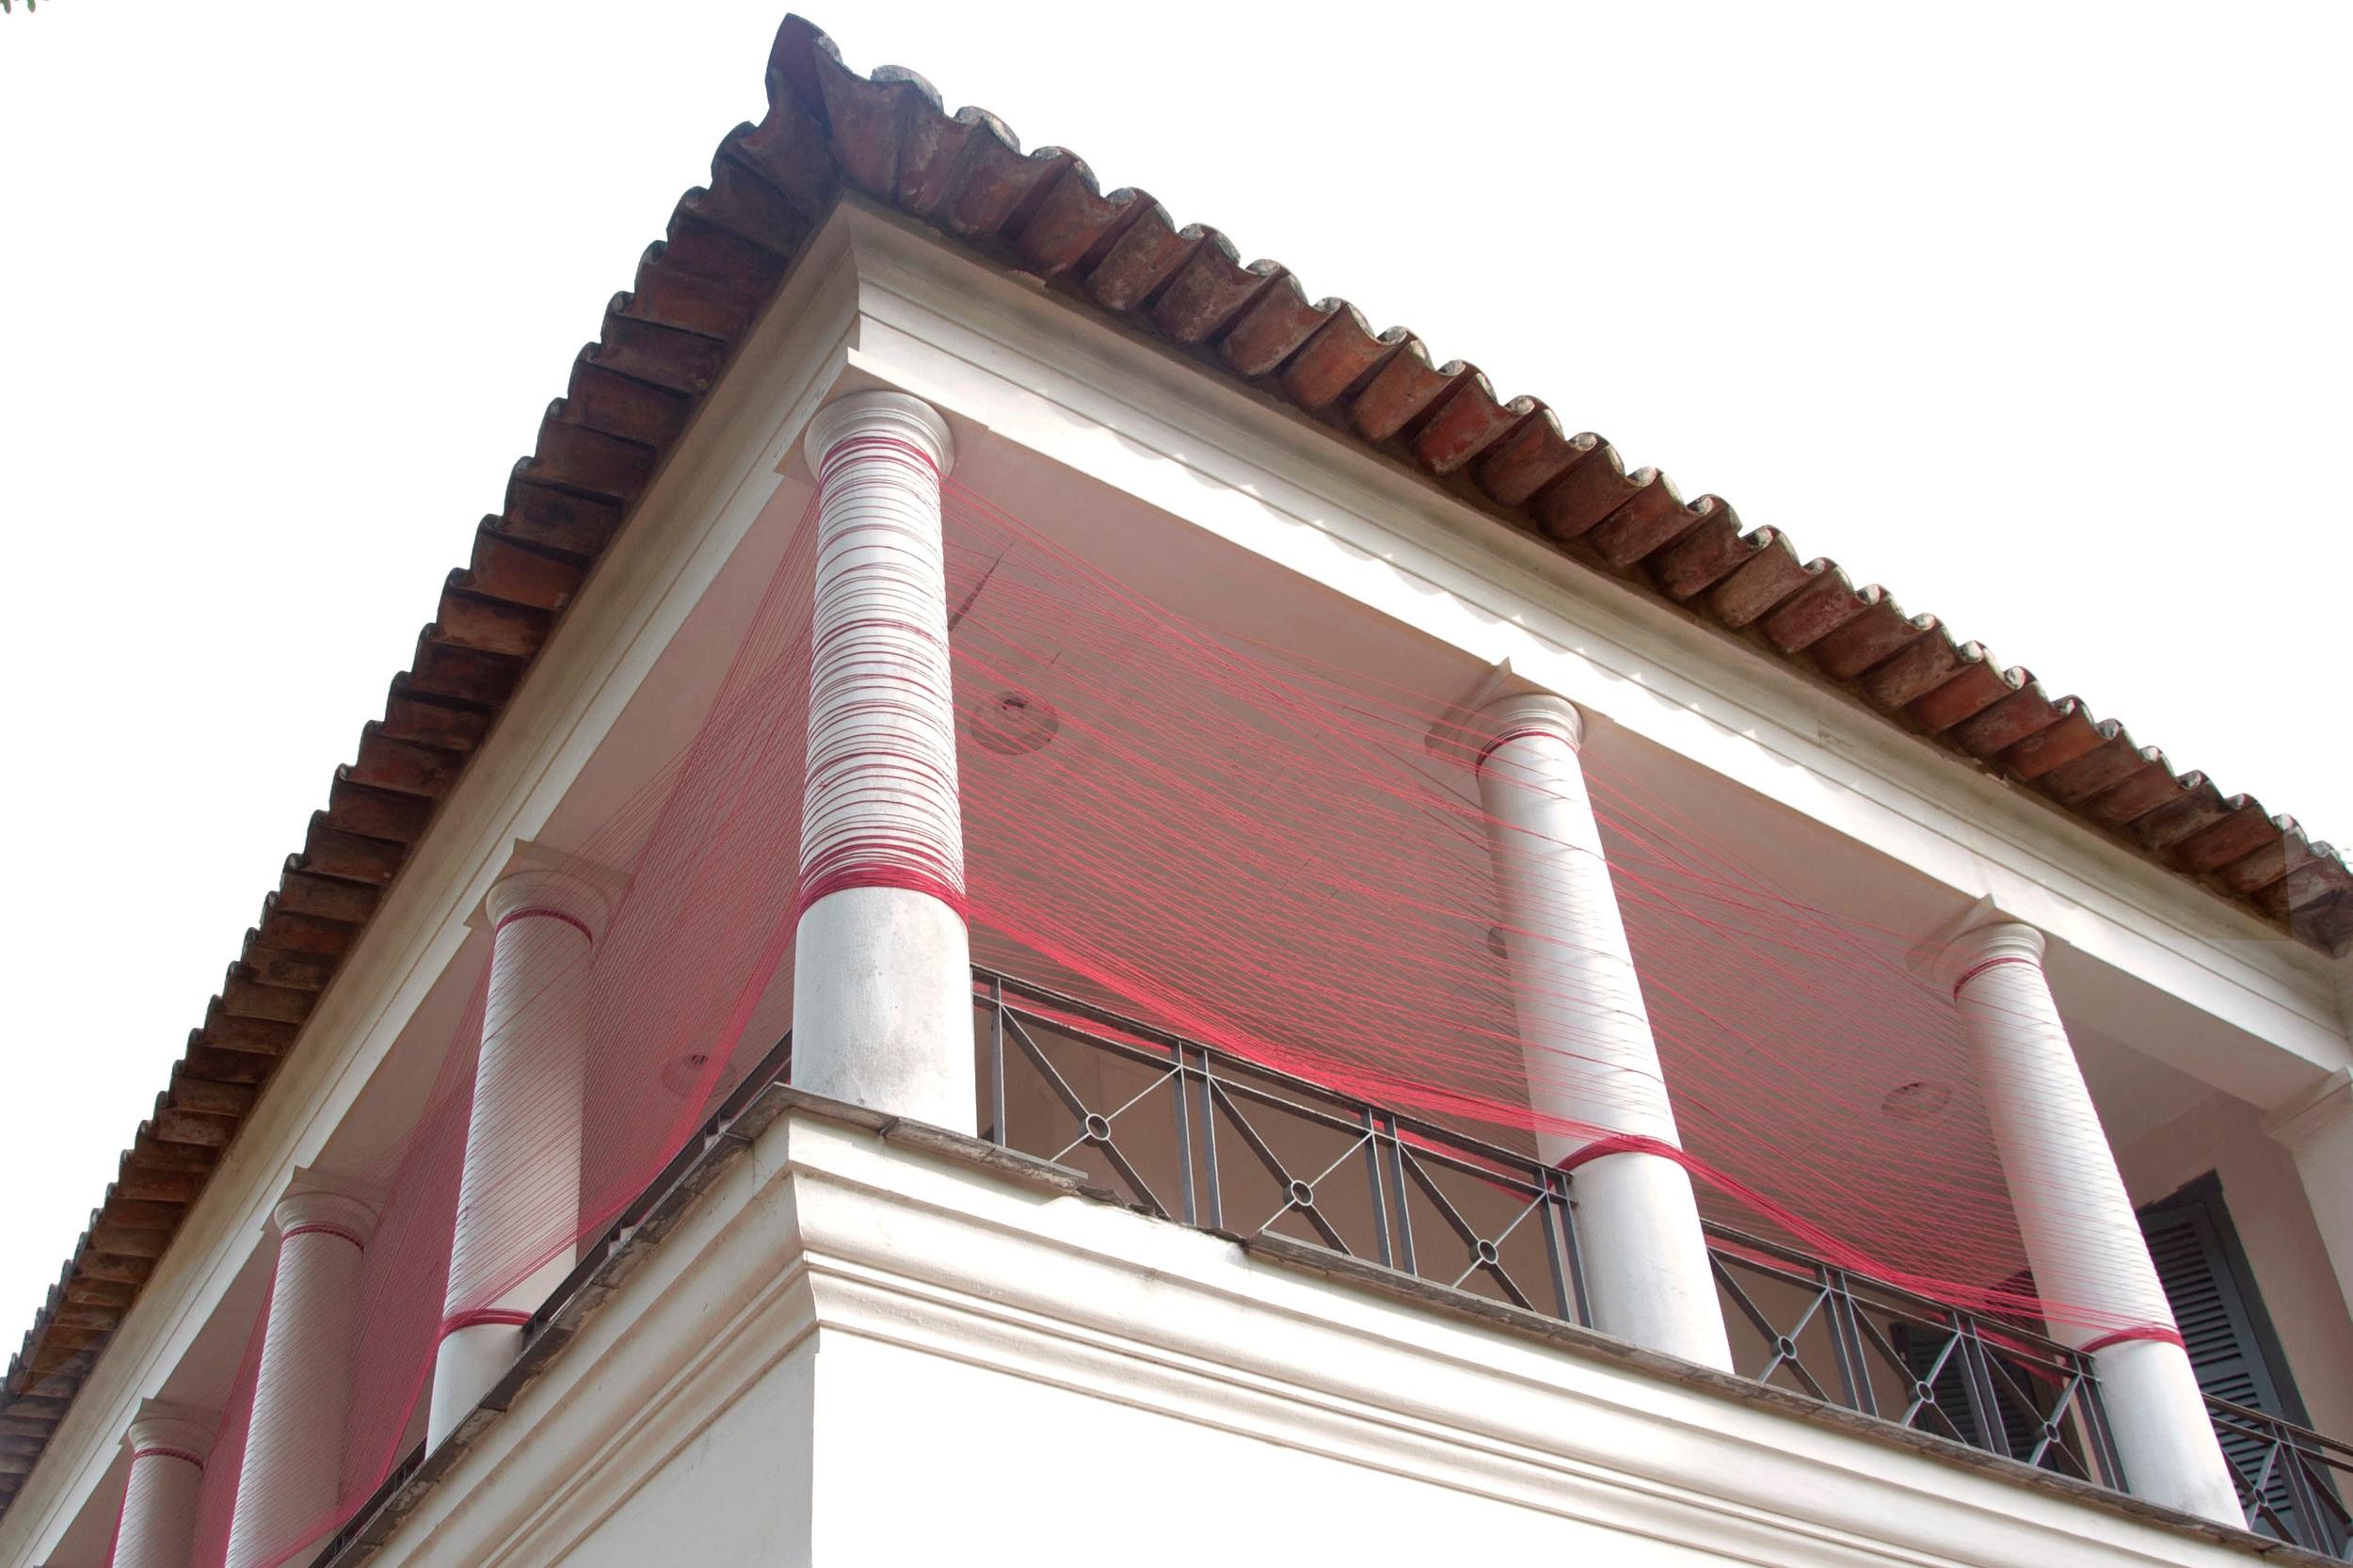 Casa_Amarrada_Mosaico.jpg